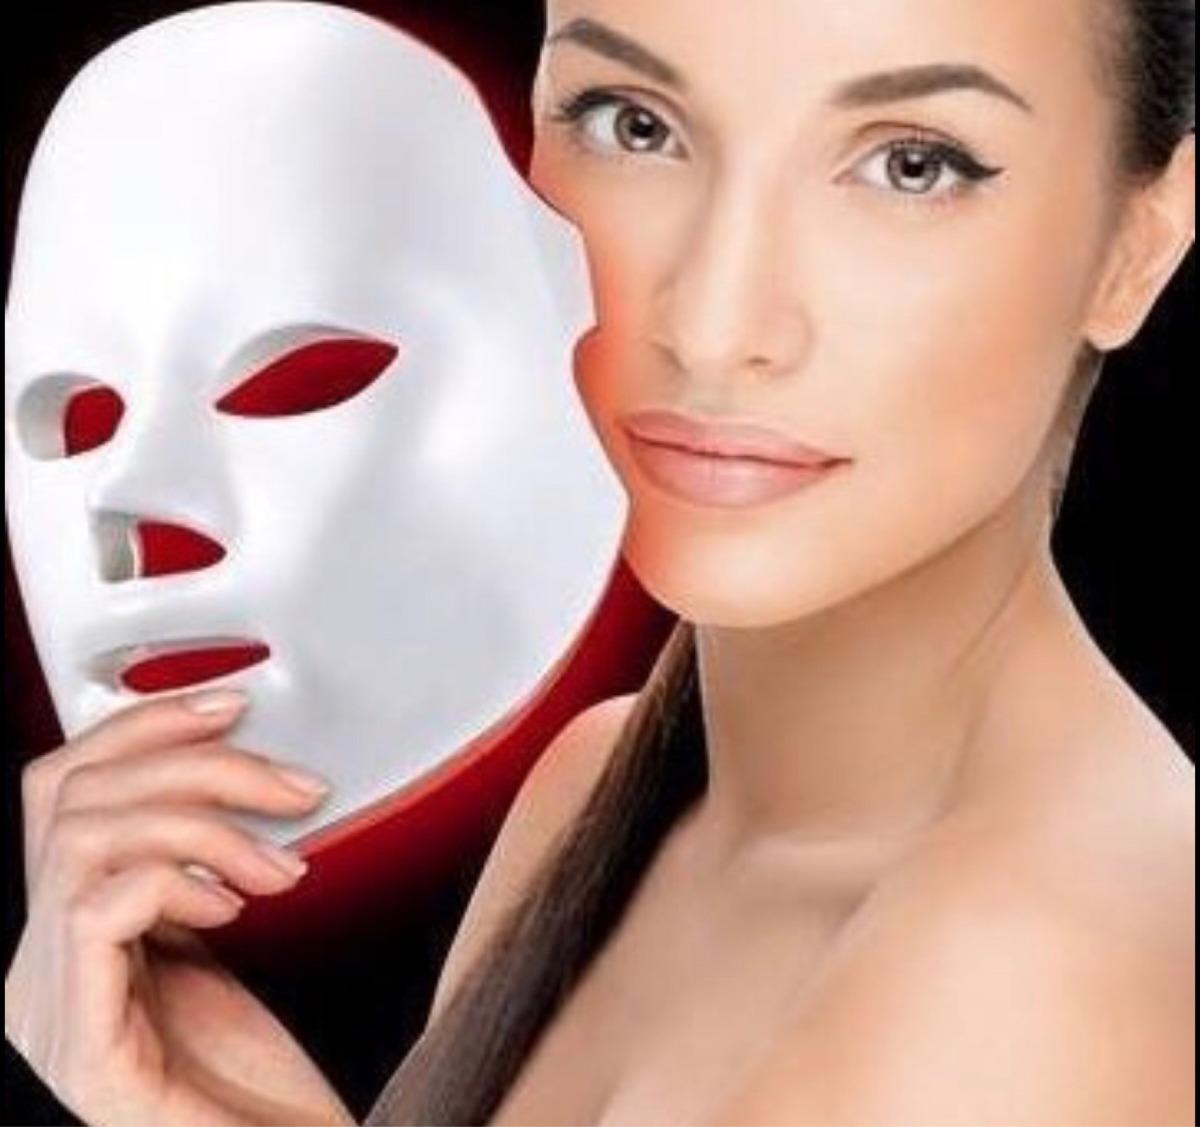 tratamientos faciales libre de aficionados